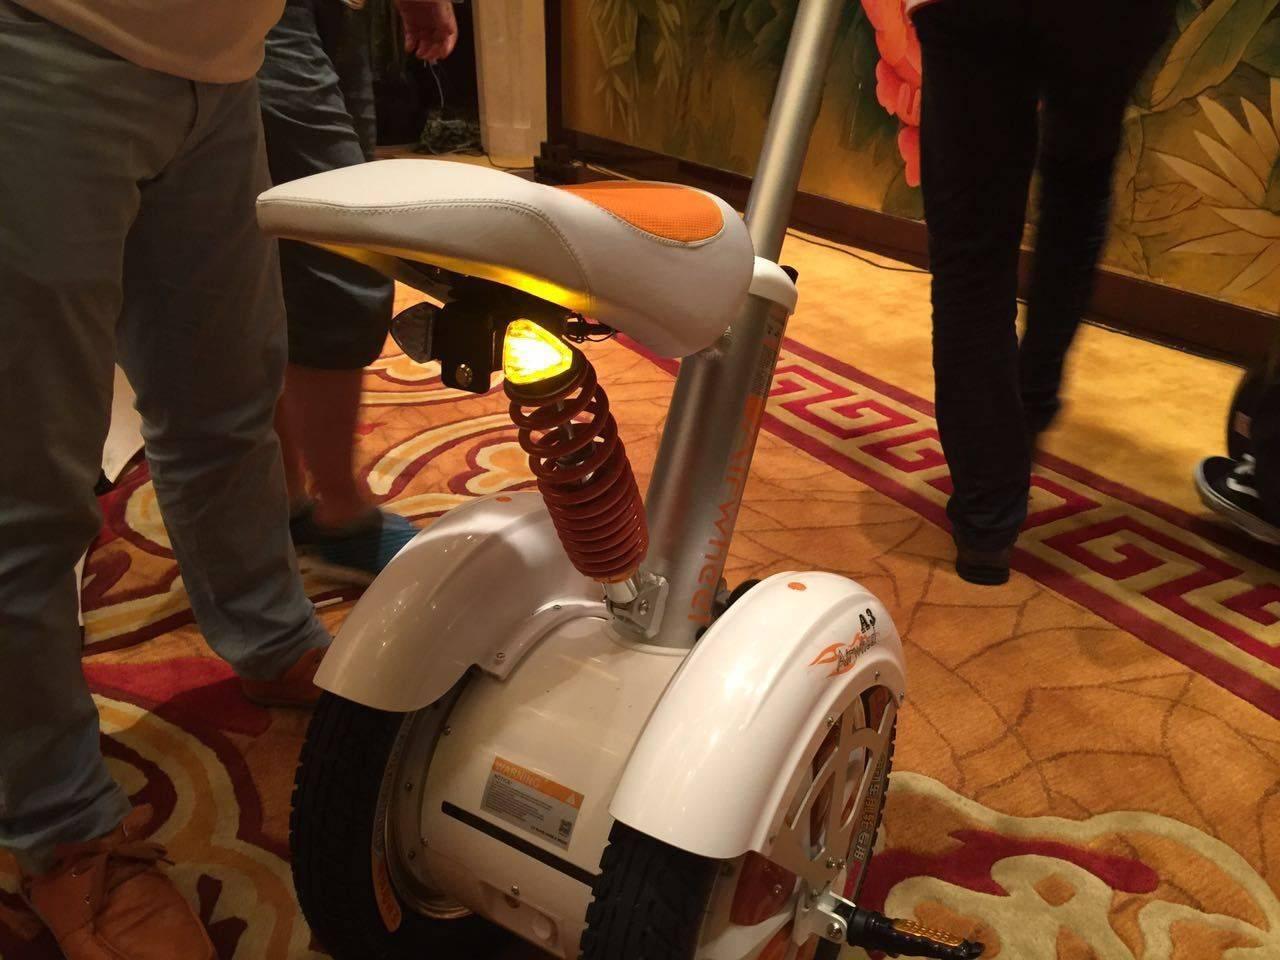 骑着走的平衡车,你见过吗? | 极客公园